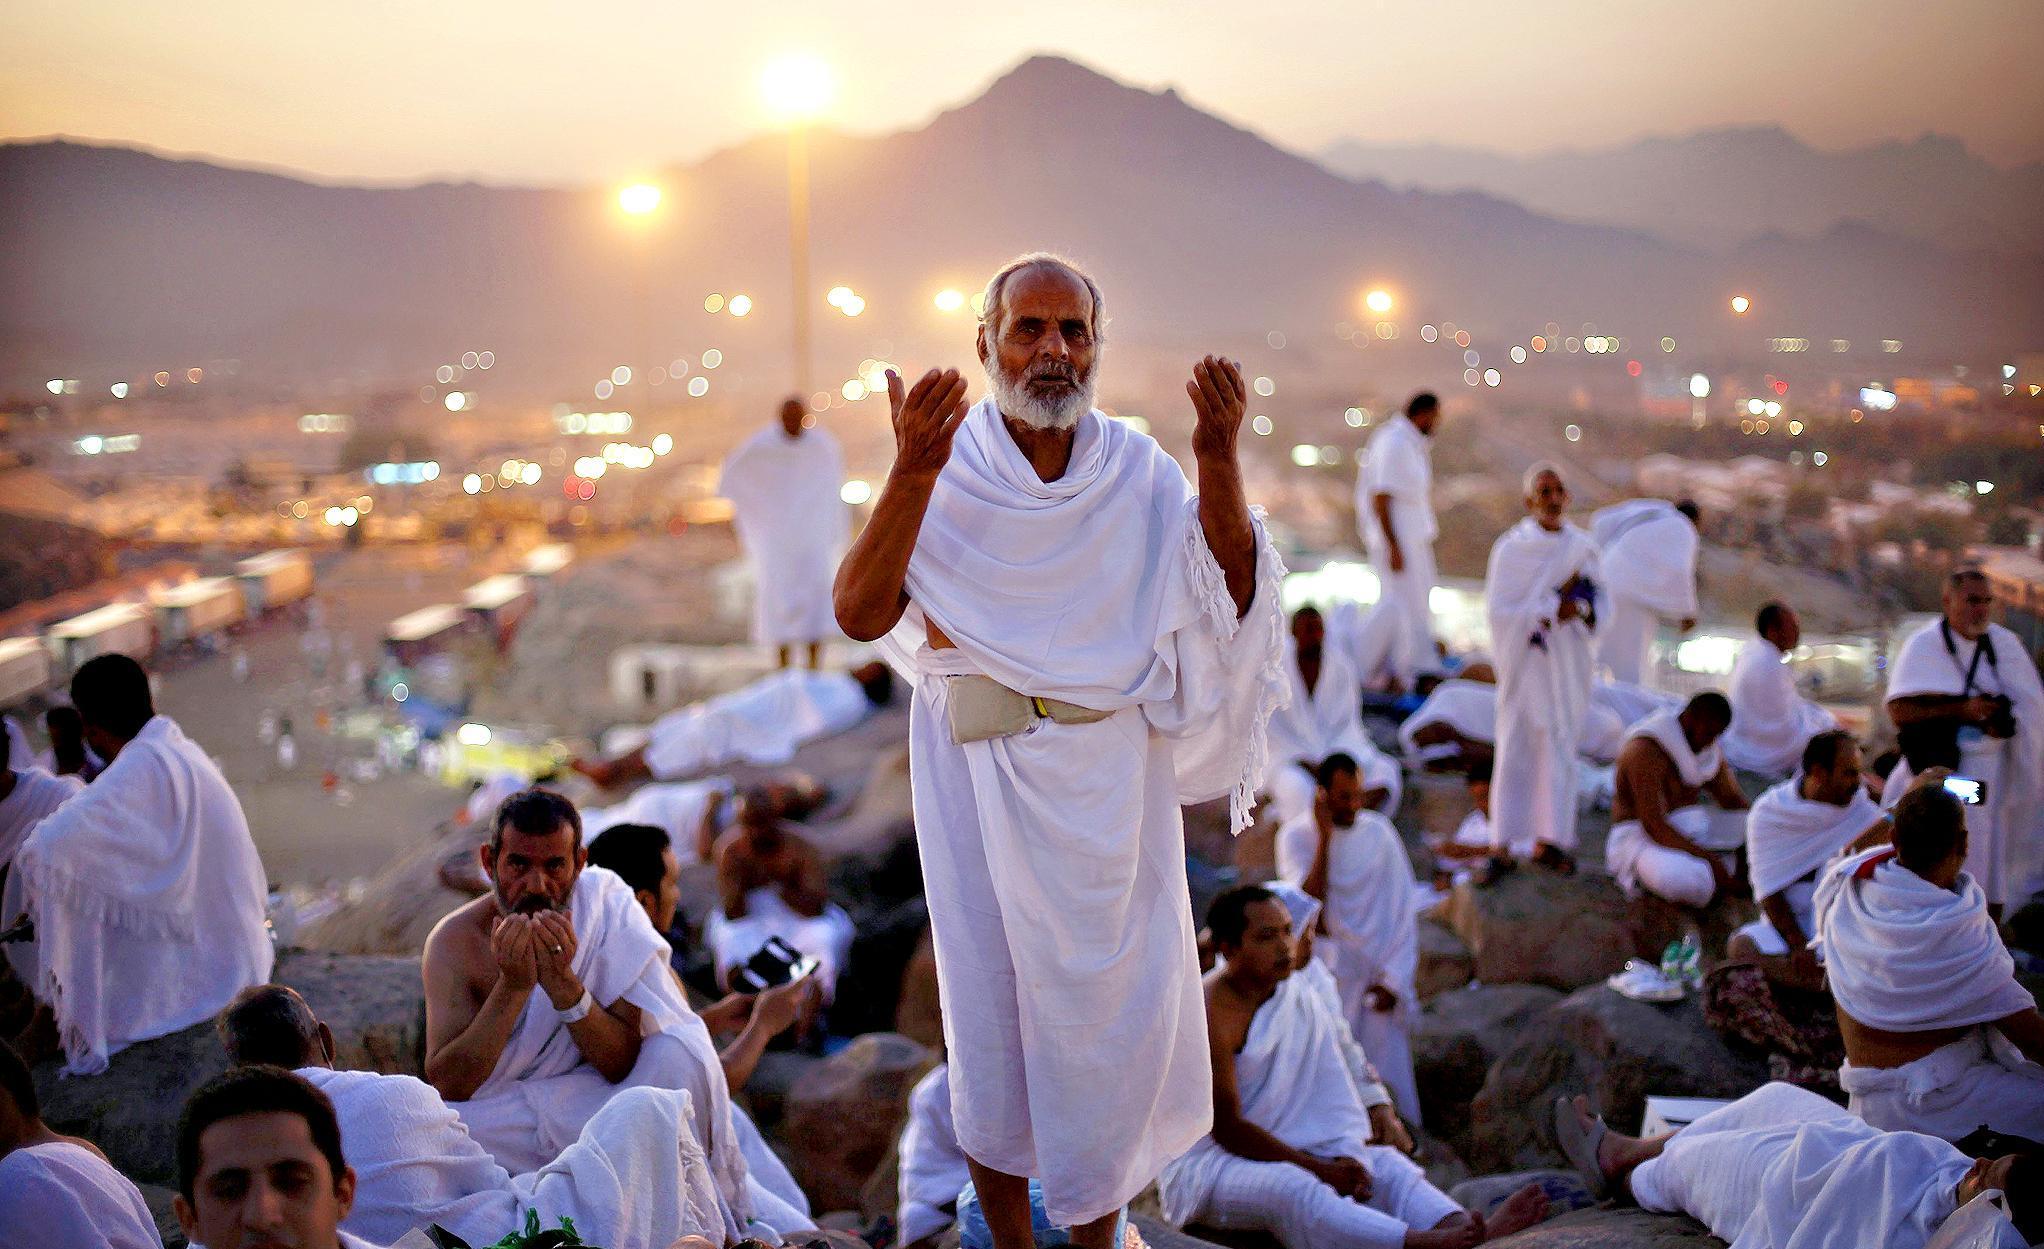 فضیلت روز عرفه و زیارت امام حسین (ع) در این روز